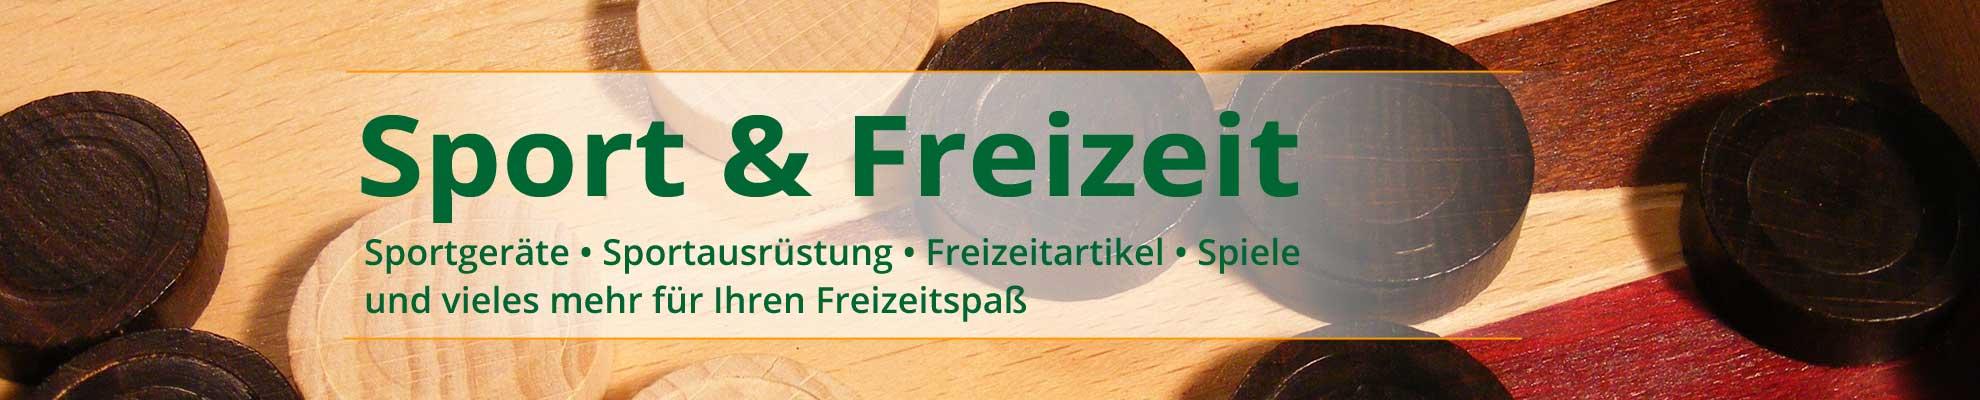 Magazin Halsenbach - Sport & Freizeit